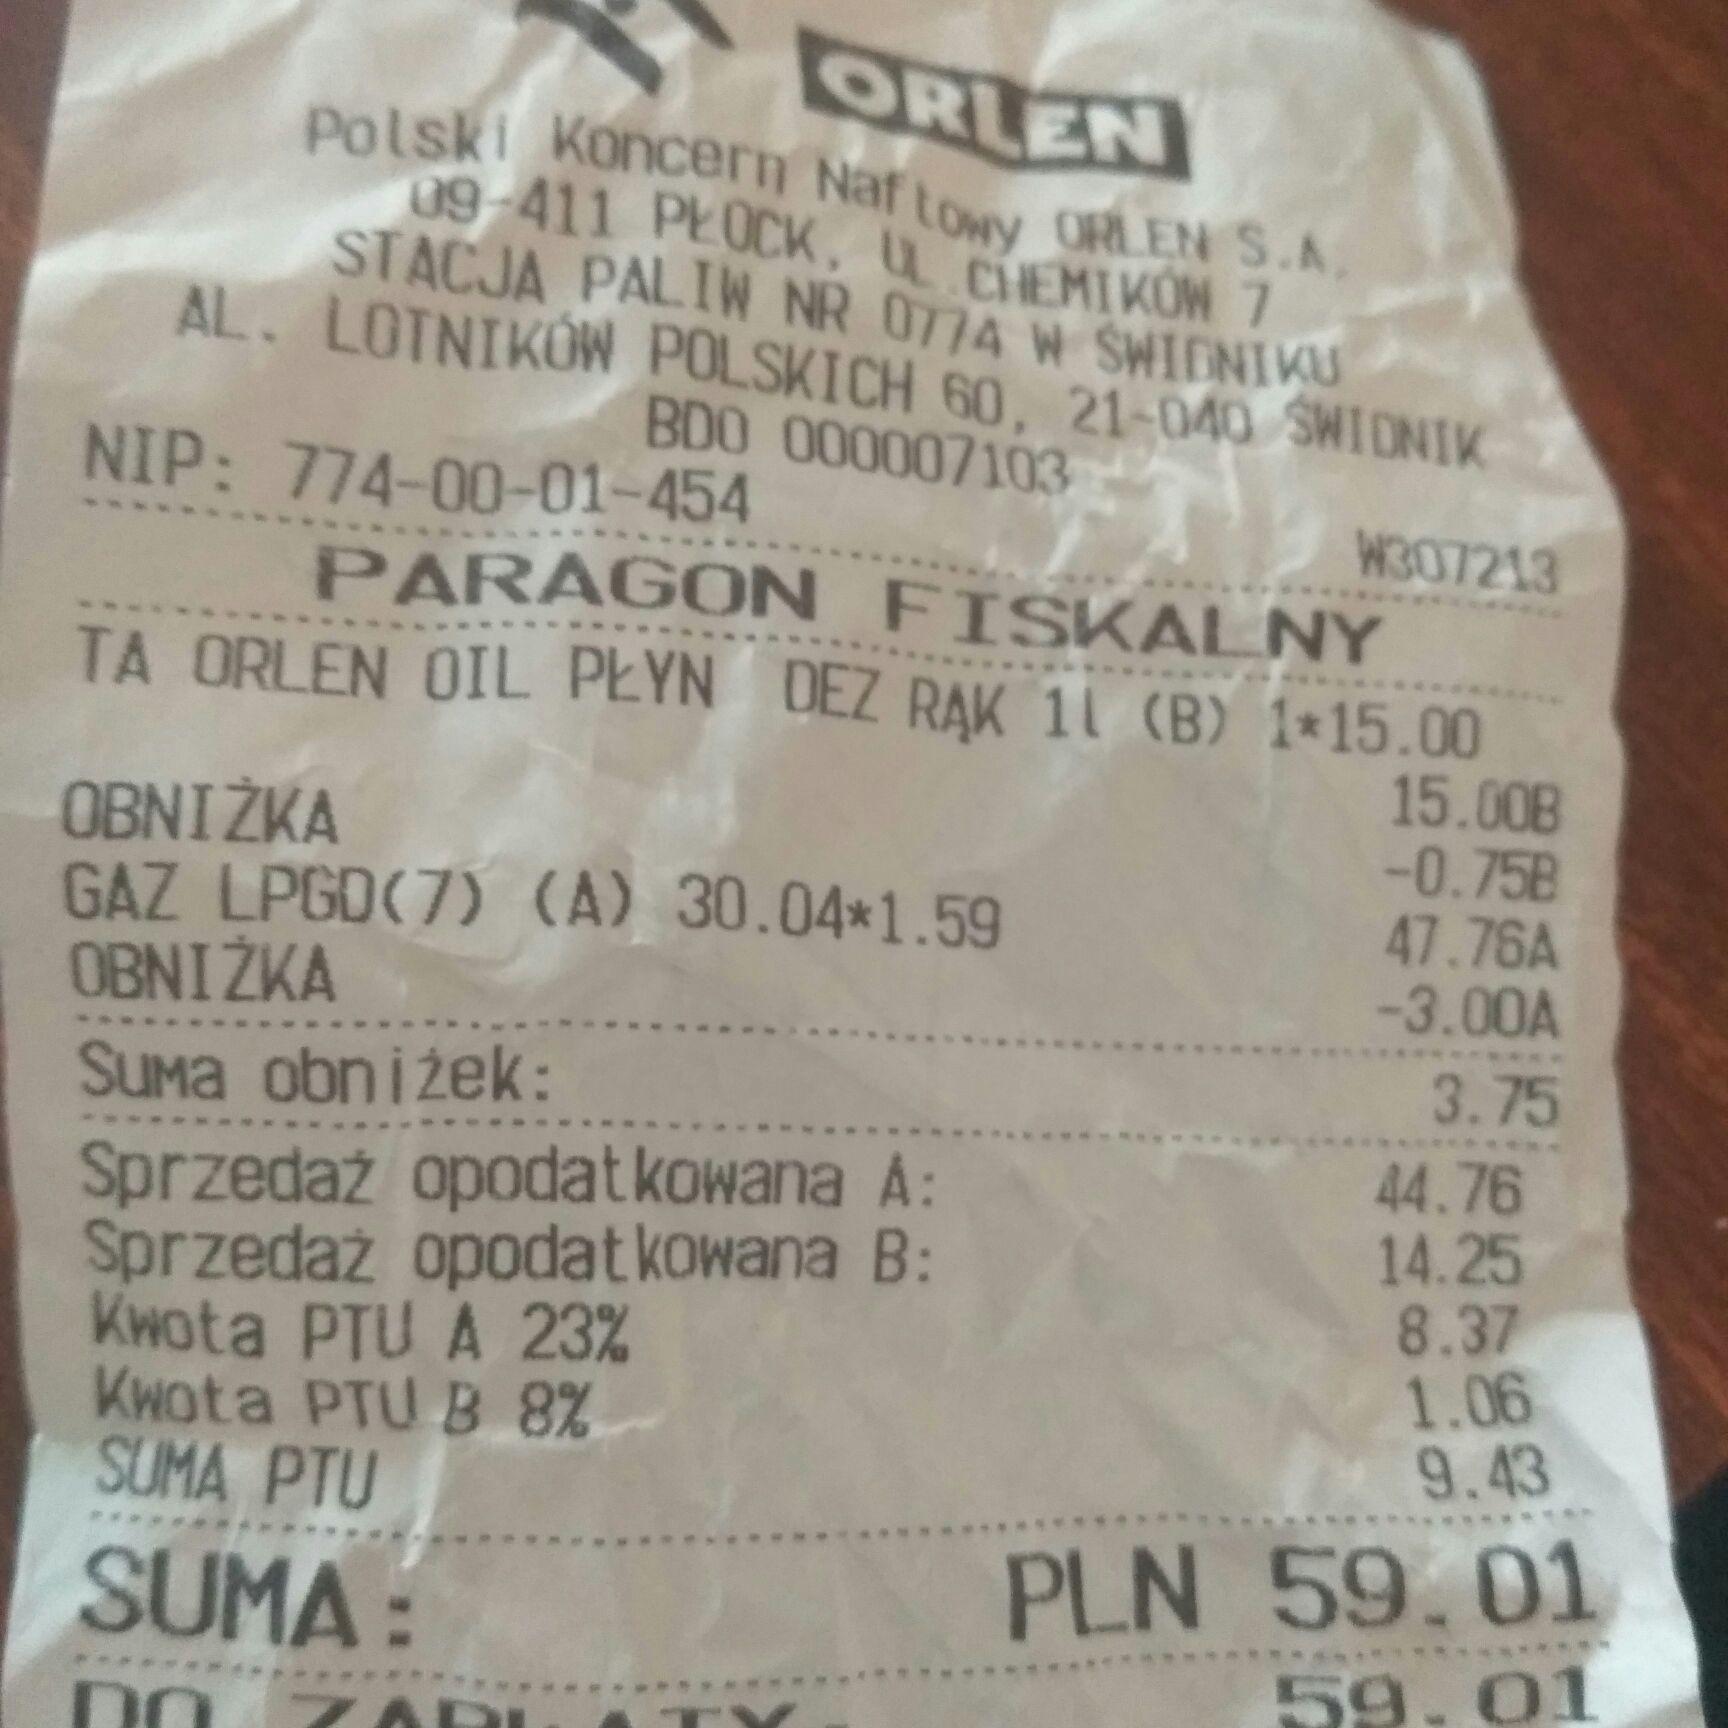 Orlen, Świdnik gaz/LPG 1,59zl/l, Pb95 3,69zl/l